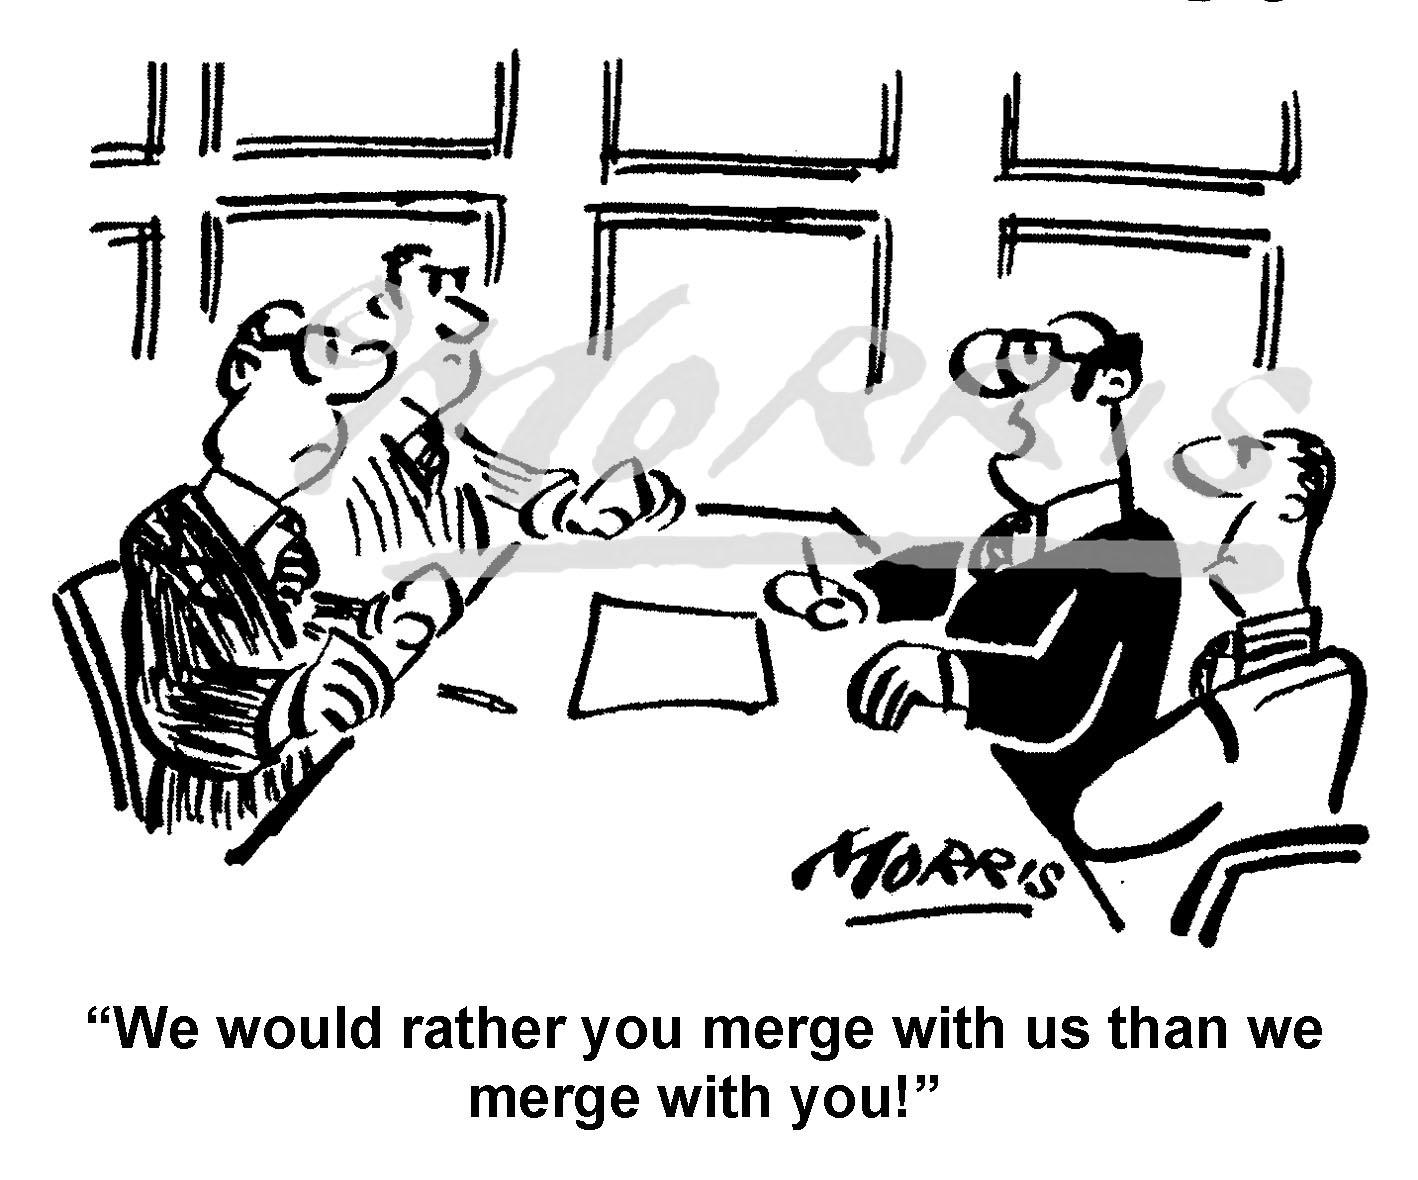 Business merger cartoon Ref: 8330bw | Business cartoons